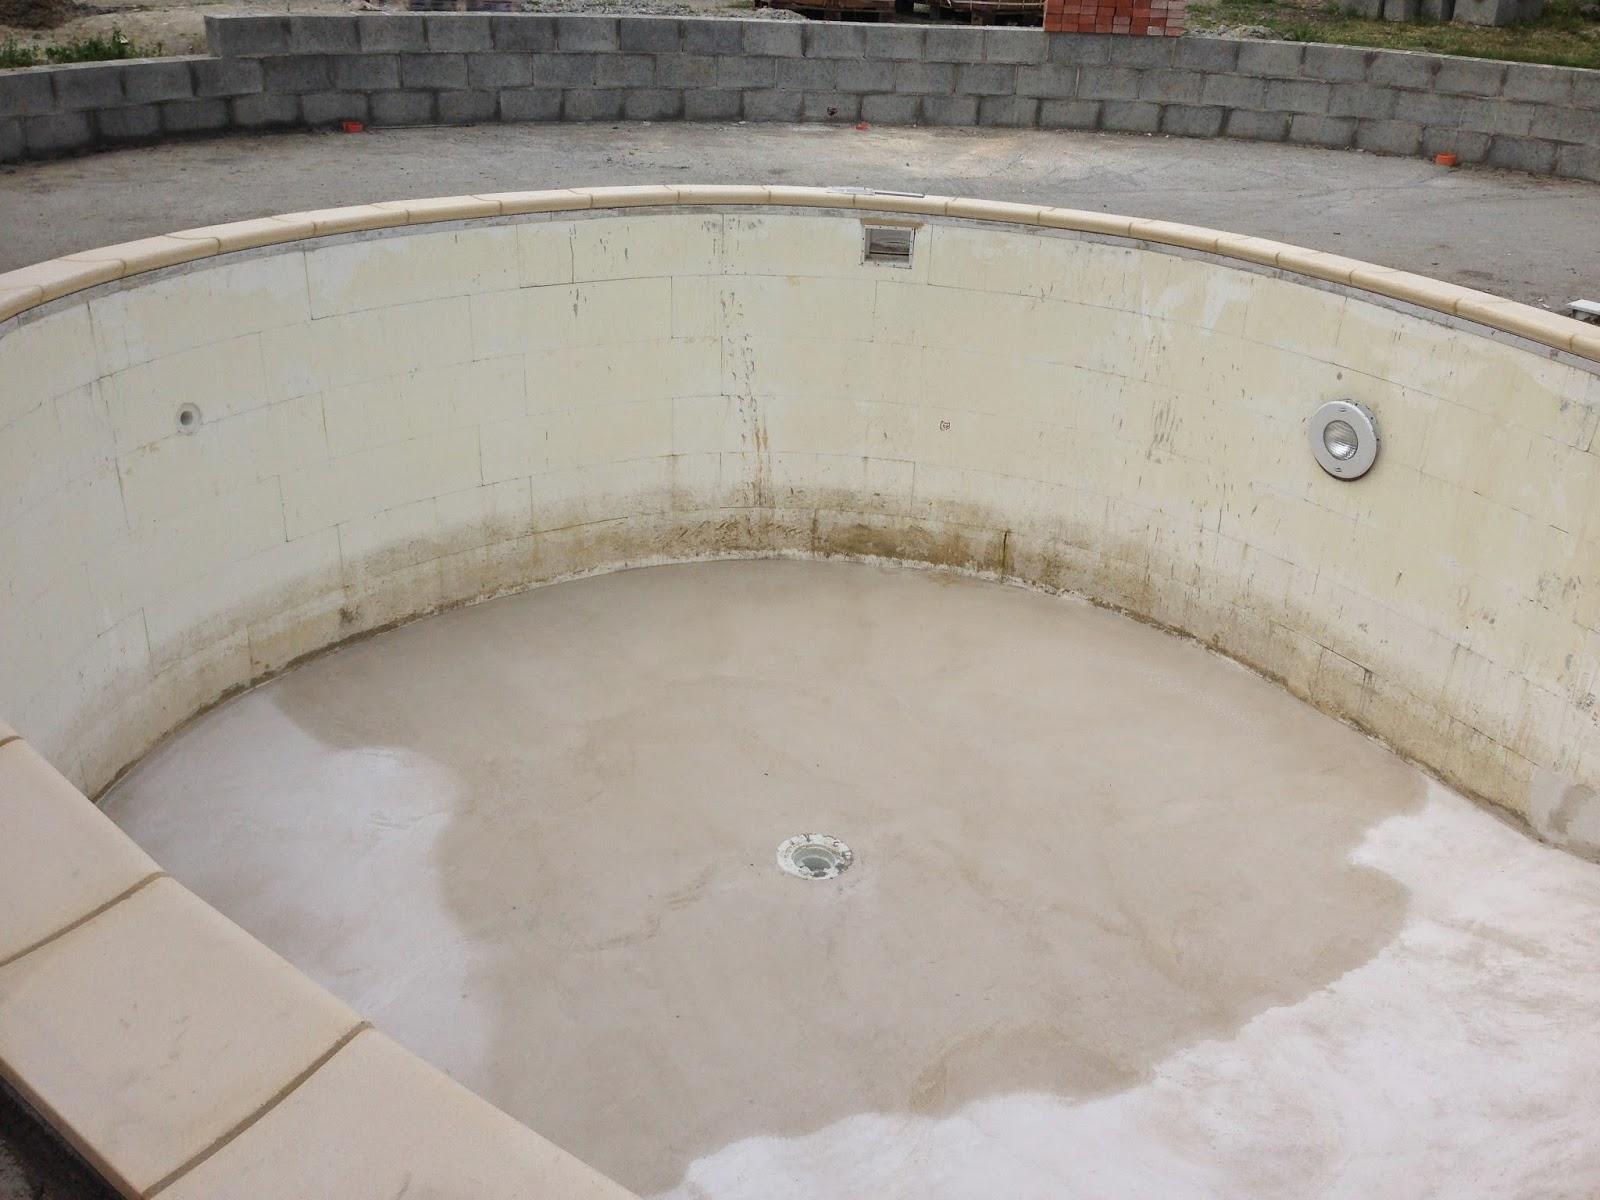 Corteranzo: Avanzamento della piscina con la posa del bordo